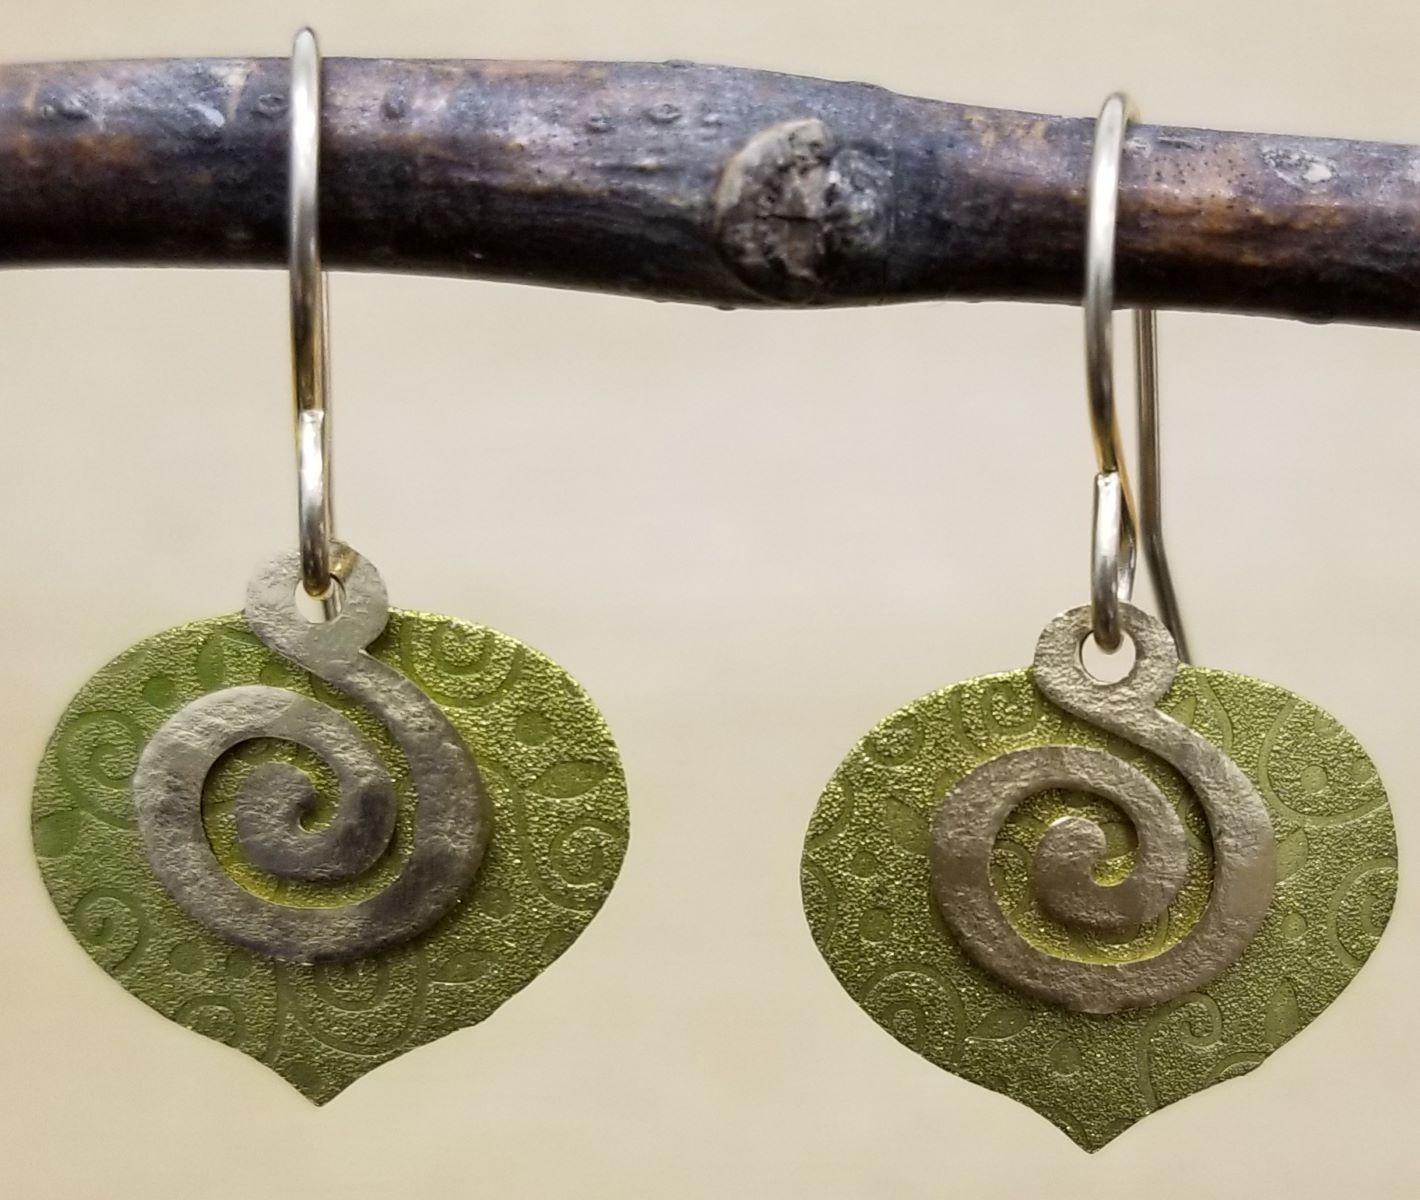 swirl earrings by Joseph Brinton